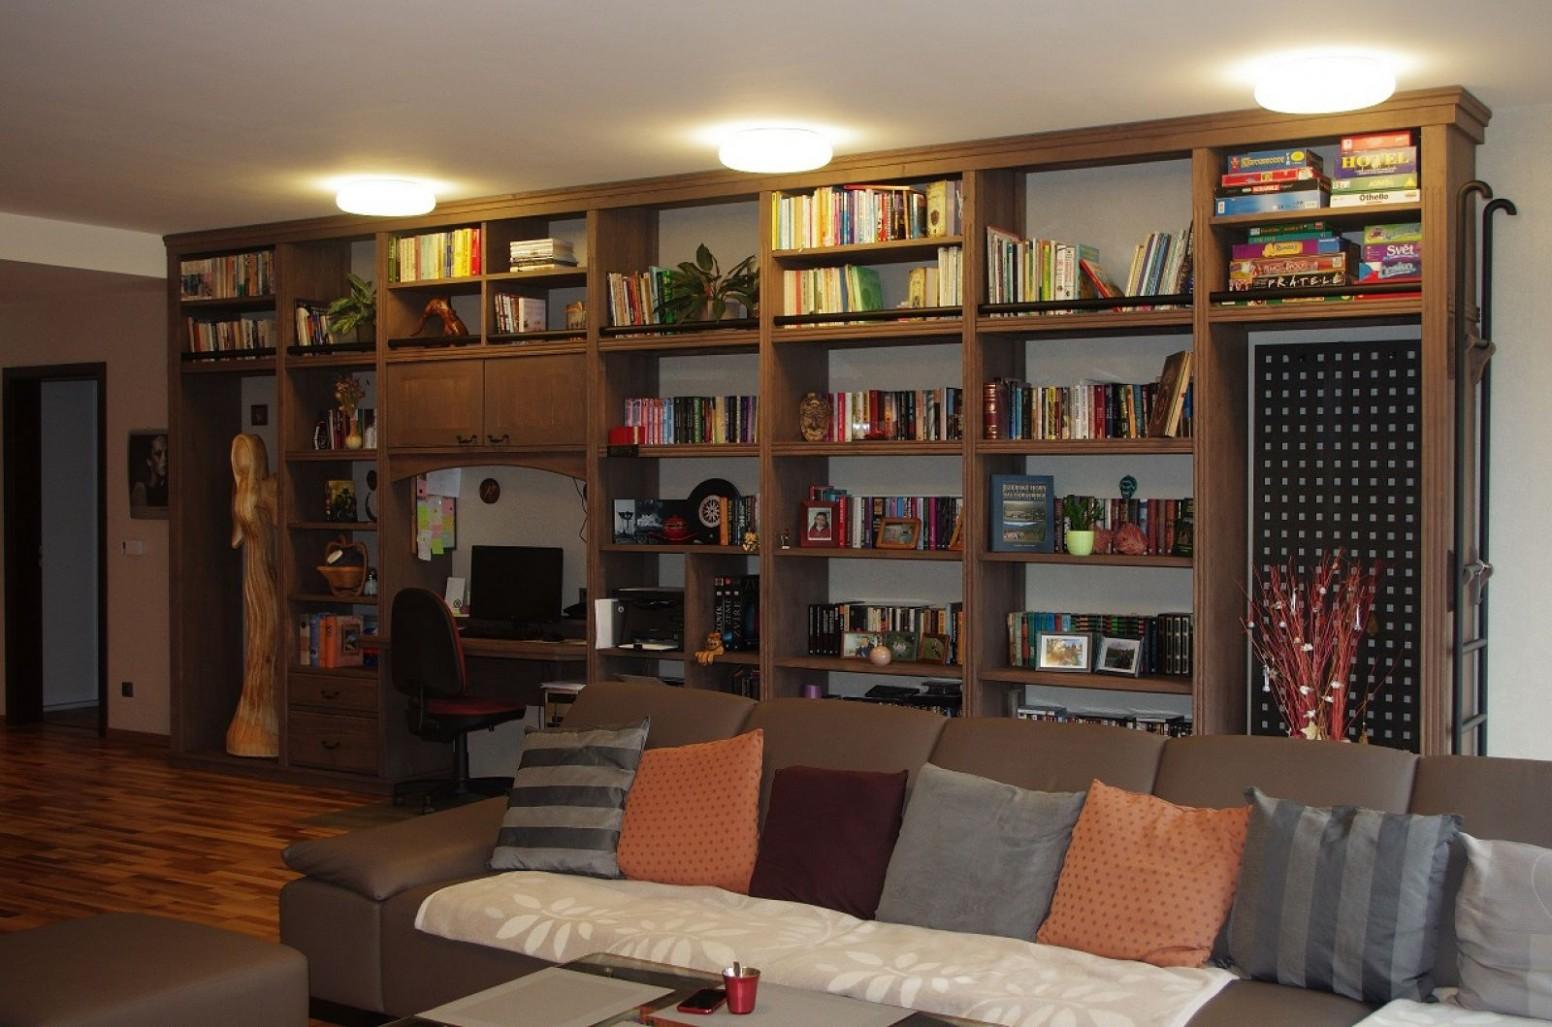 Nový interiér obývacího pokoje s kuchyní – Liberec